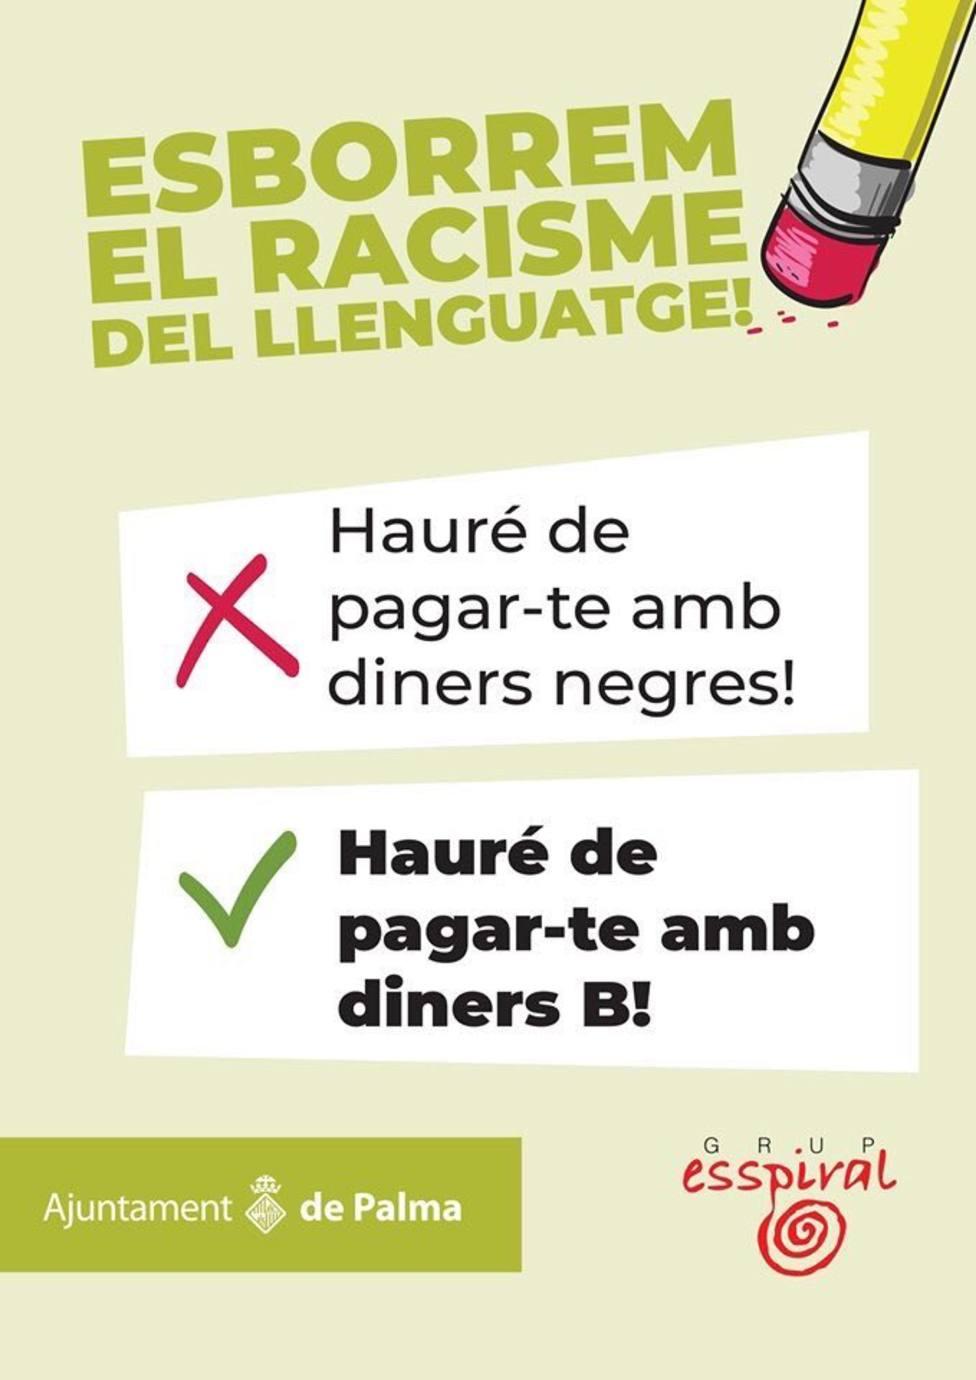 Cort pide el reintegro de la subvención de la campaña Esborrem el racisme del llenguatge